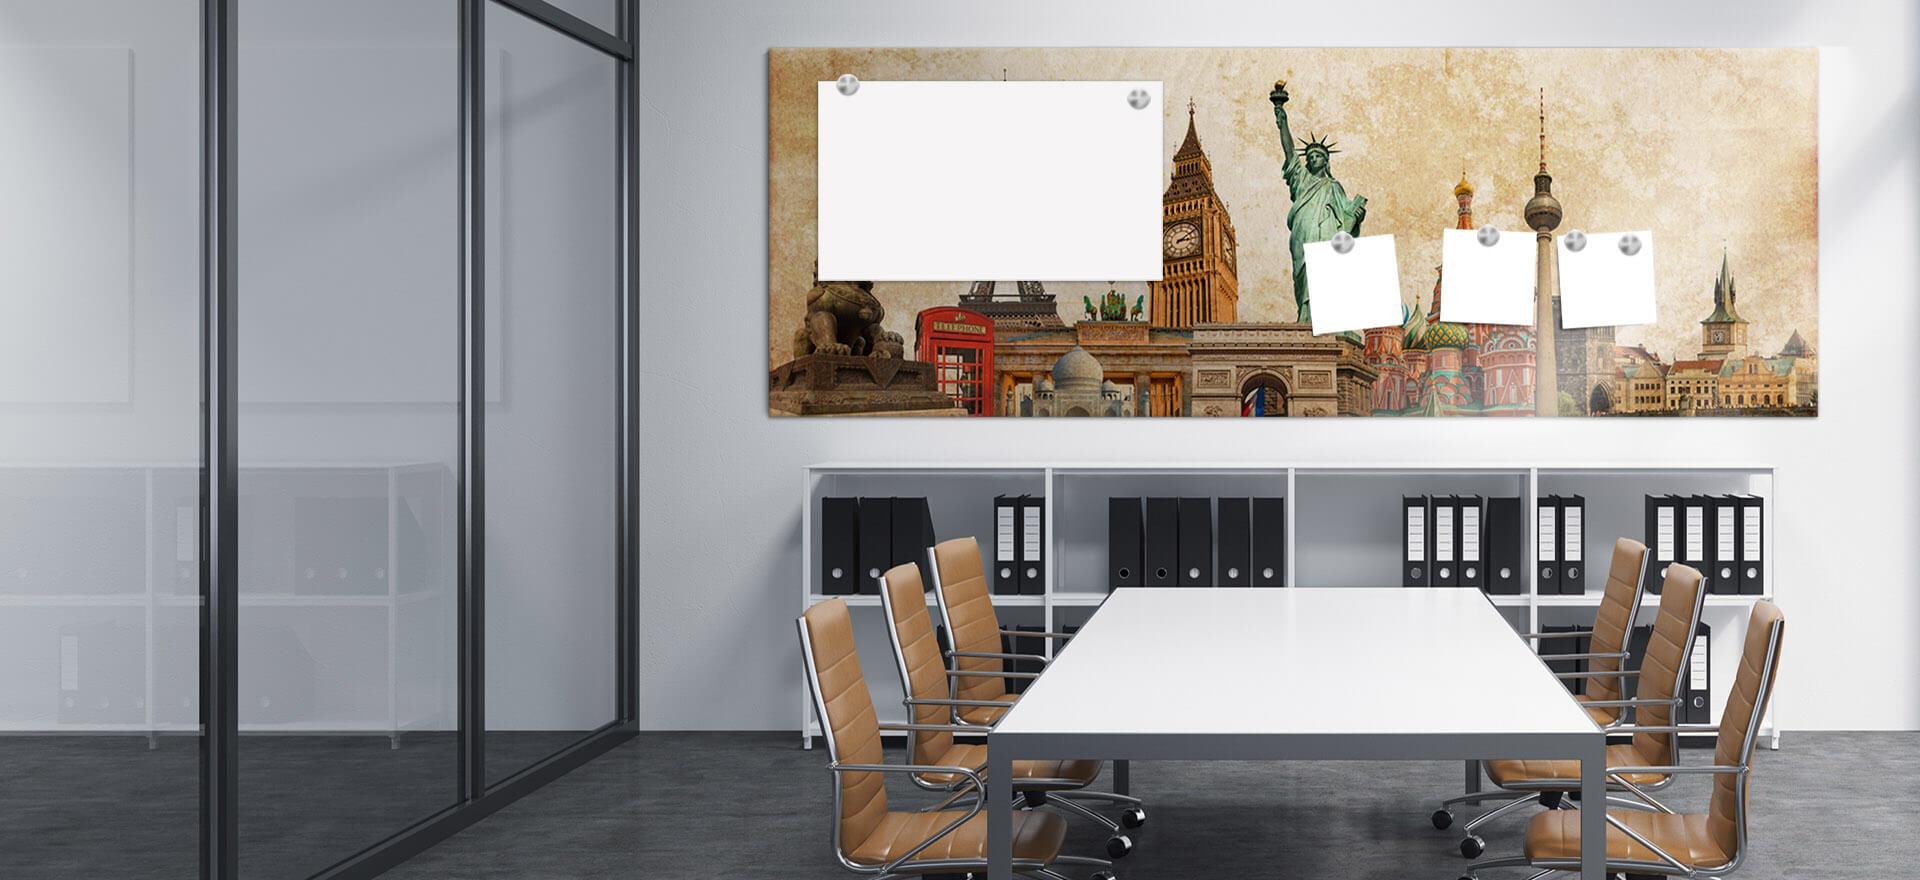 Full Size of Glasrckwnde Glasbild Selbst Gestalten Glaspostercom Einzelschränke Küche Rustikal Kleine Einrichten Billige Was Kostet Eine Neue Wandtattoos Wandverkleidung Wohnzimmer Magnetwand Küche